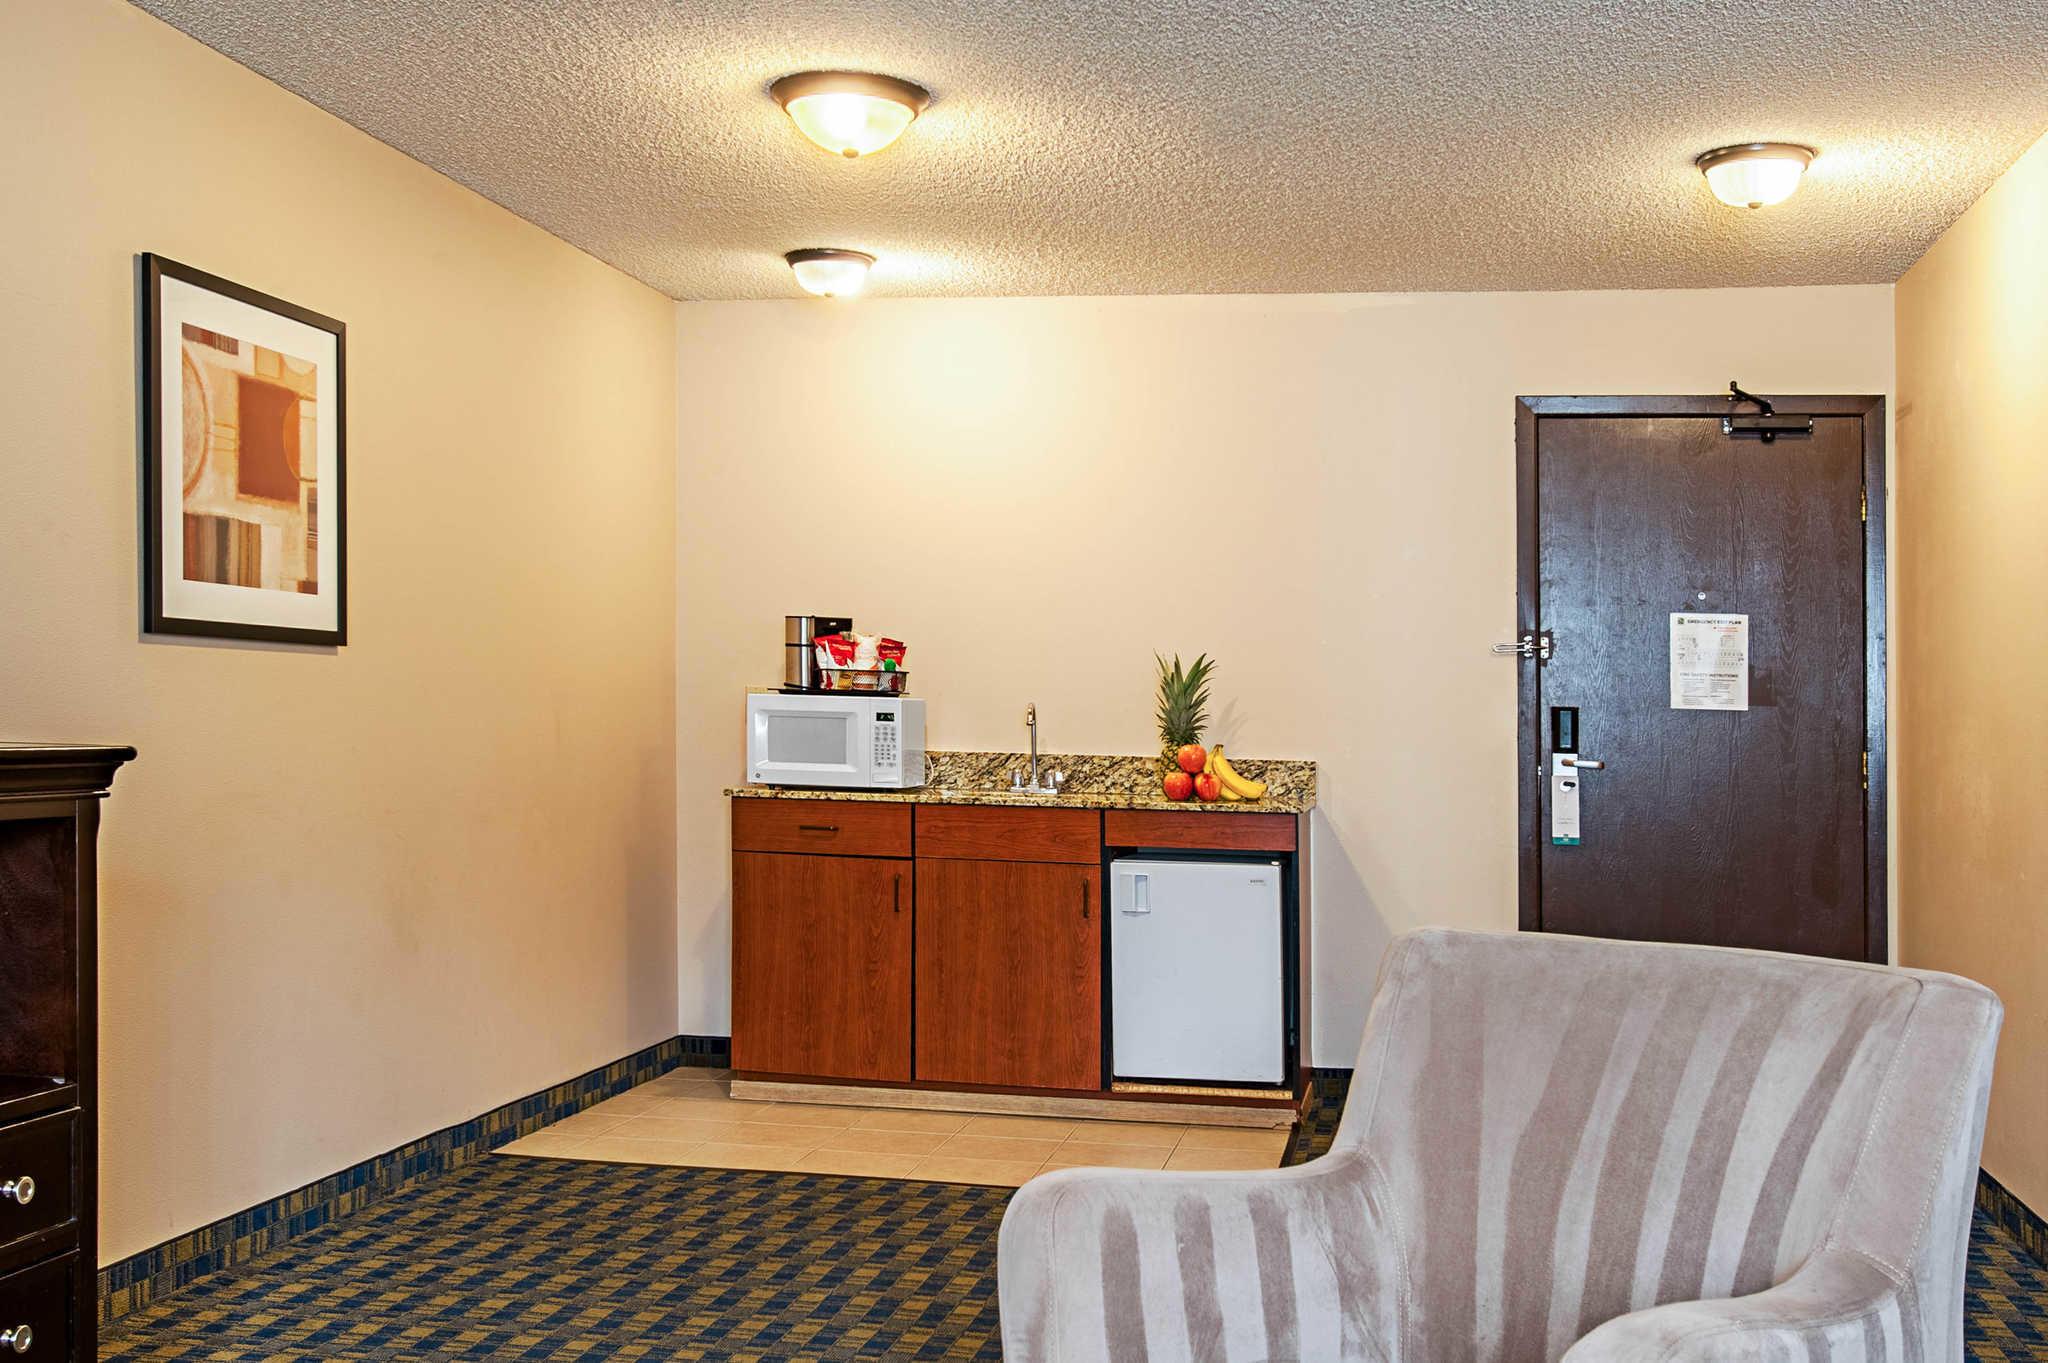 Hotels near muckleshoot casino 11